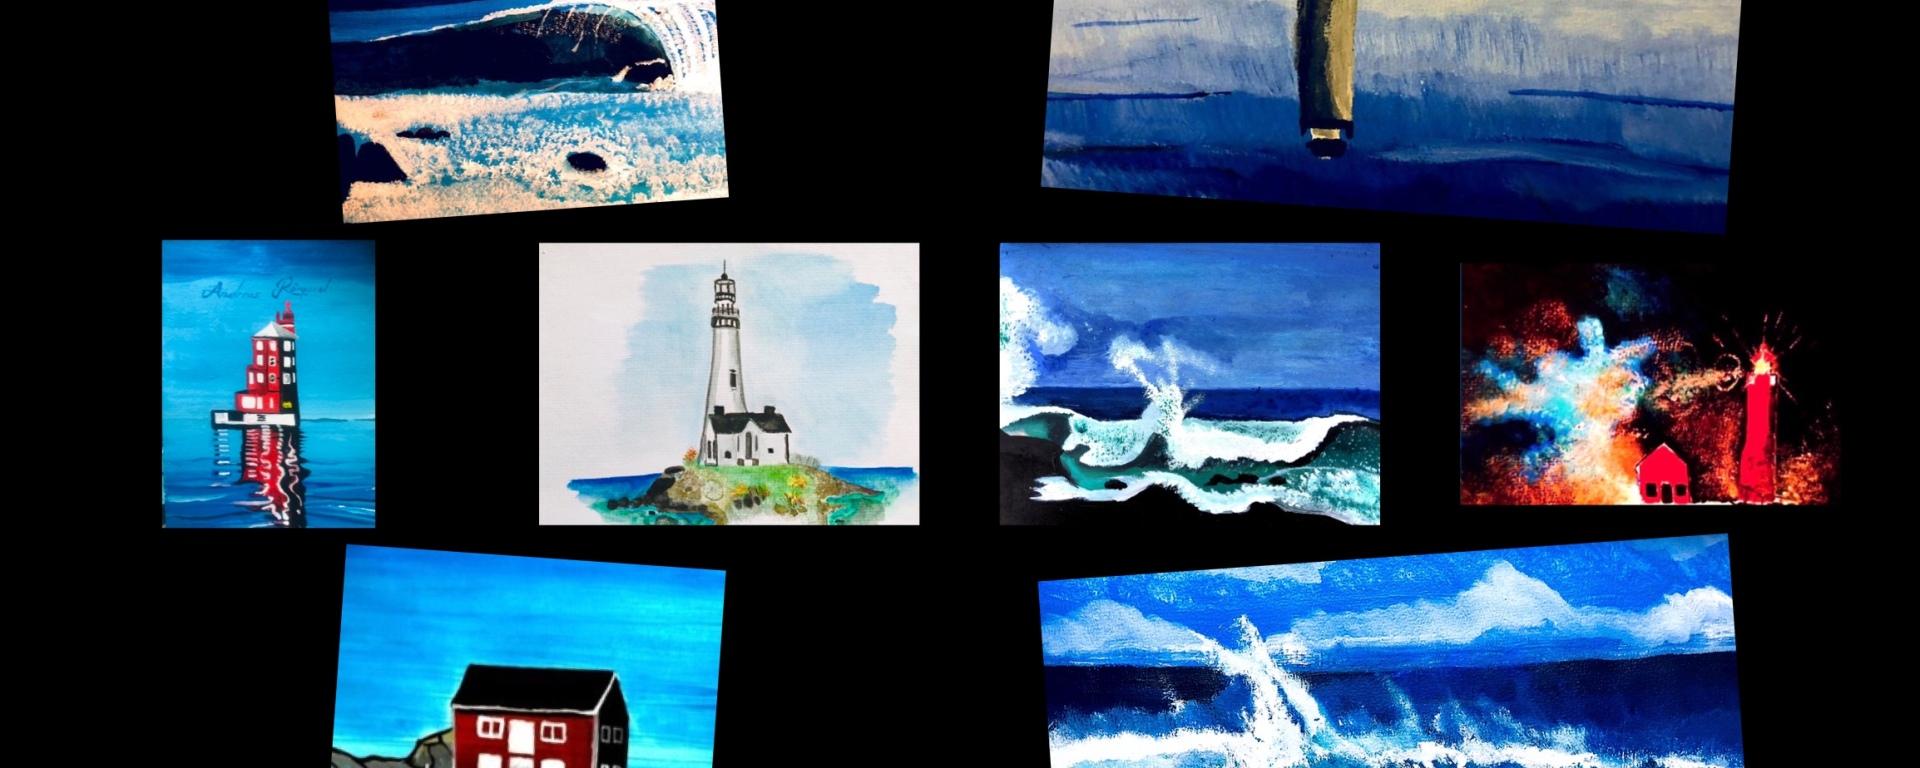 Art - Andreas Douglas Rörqvist Konst Hav Vatten Akrylfärg Akvarell